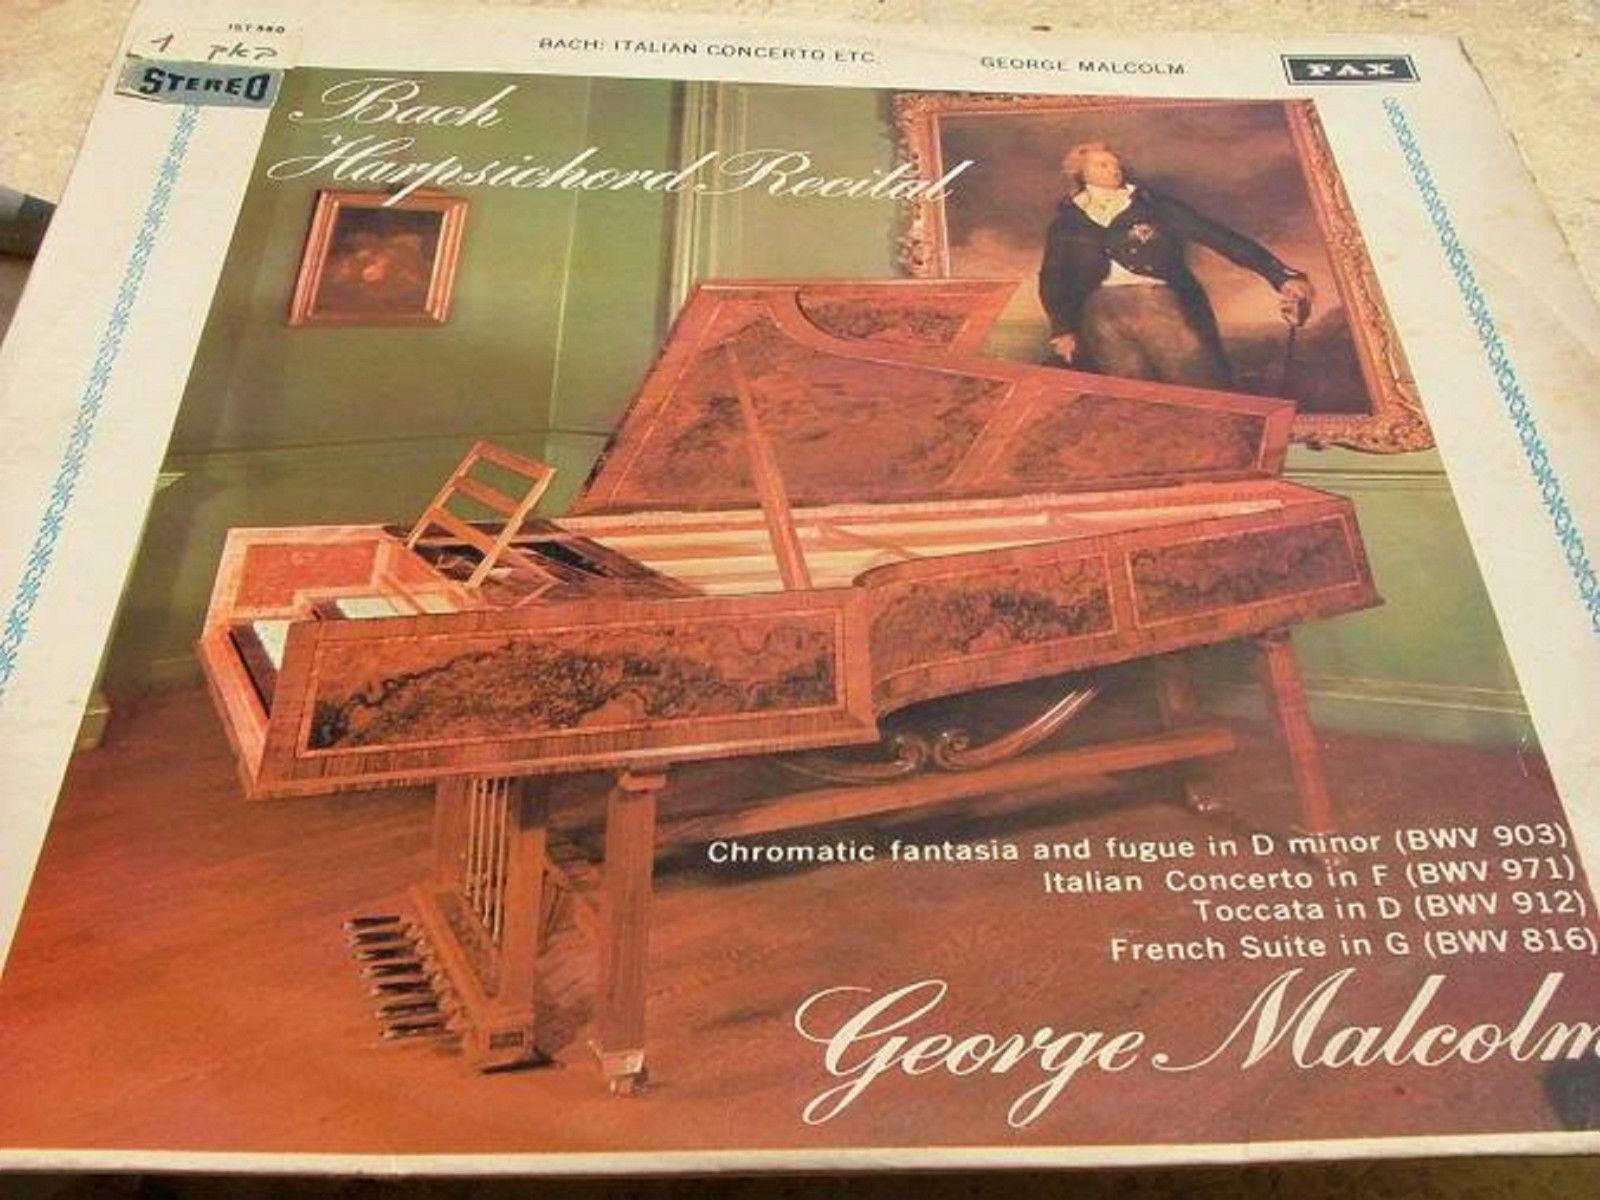 GEORGE MALCOLMC - BACH ITALIAN CONCERTO etc RARE LP RECORD MADE IN ISRAEL